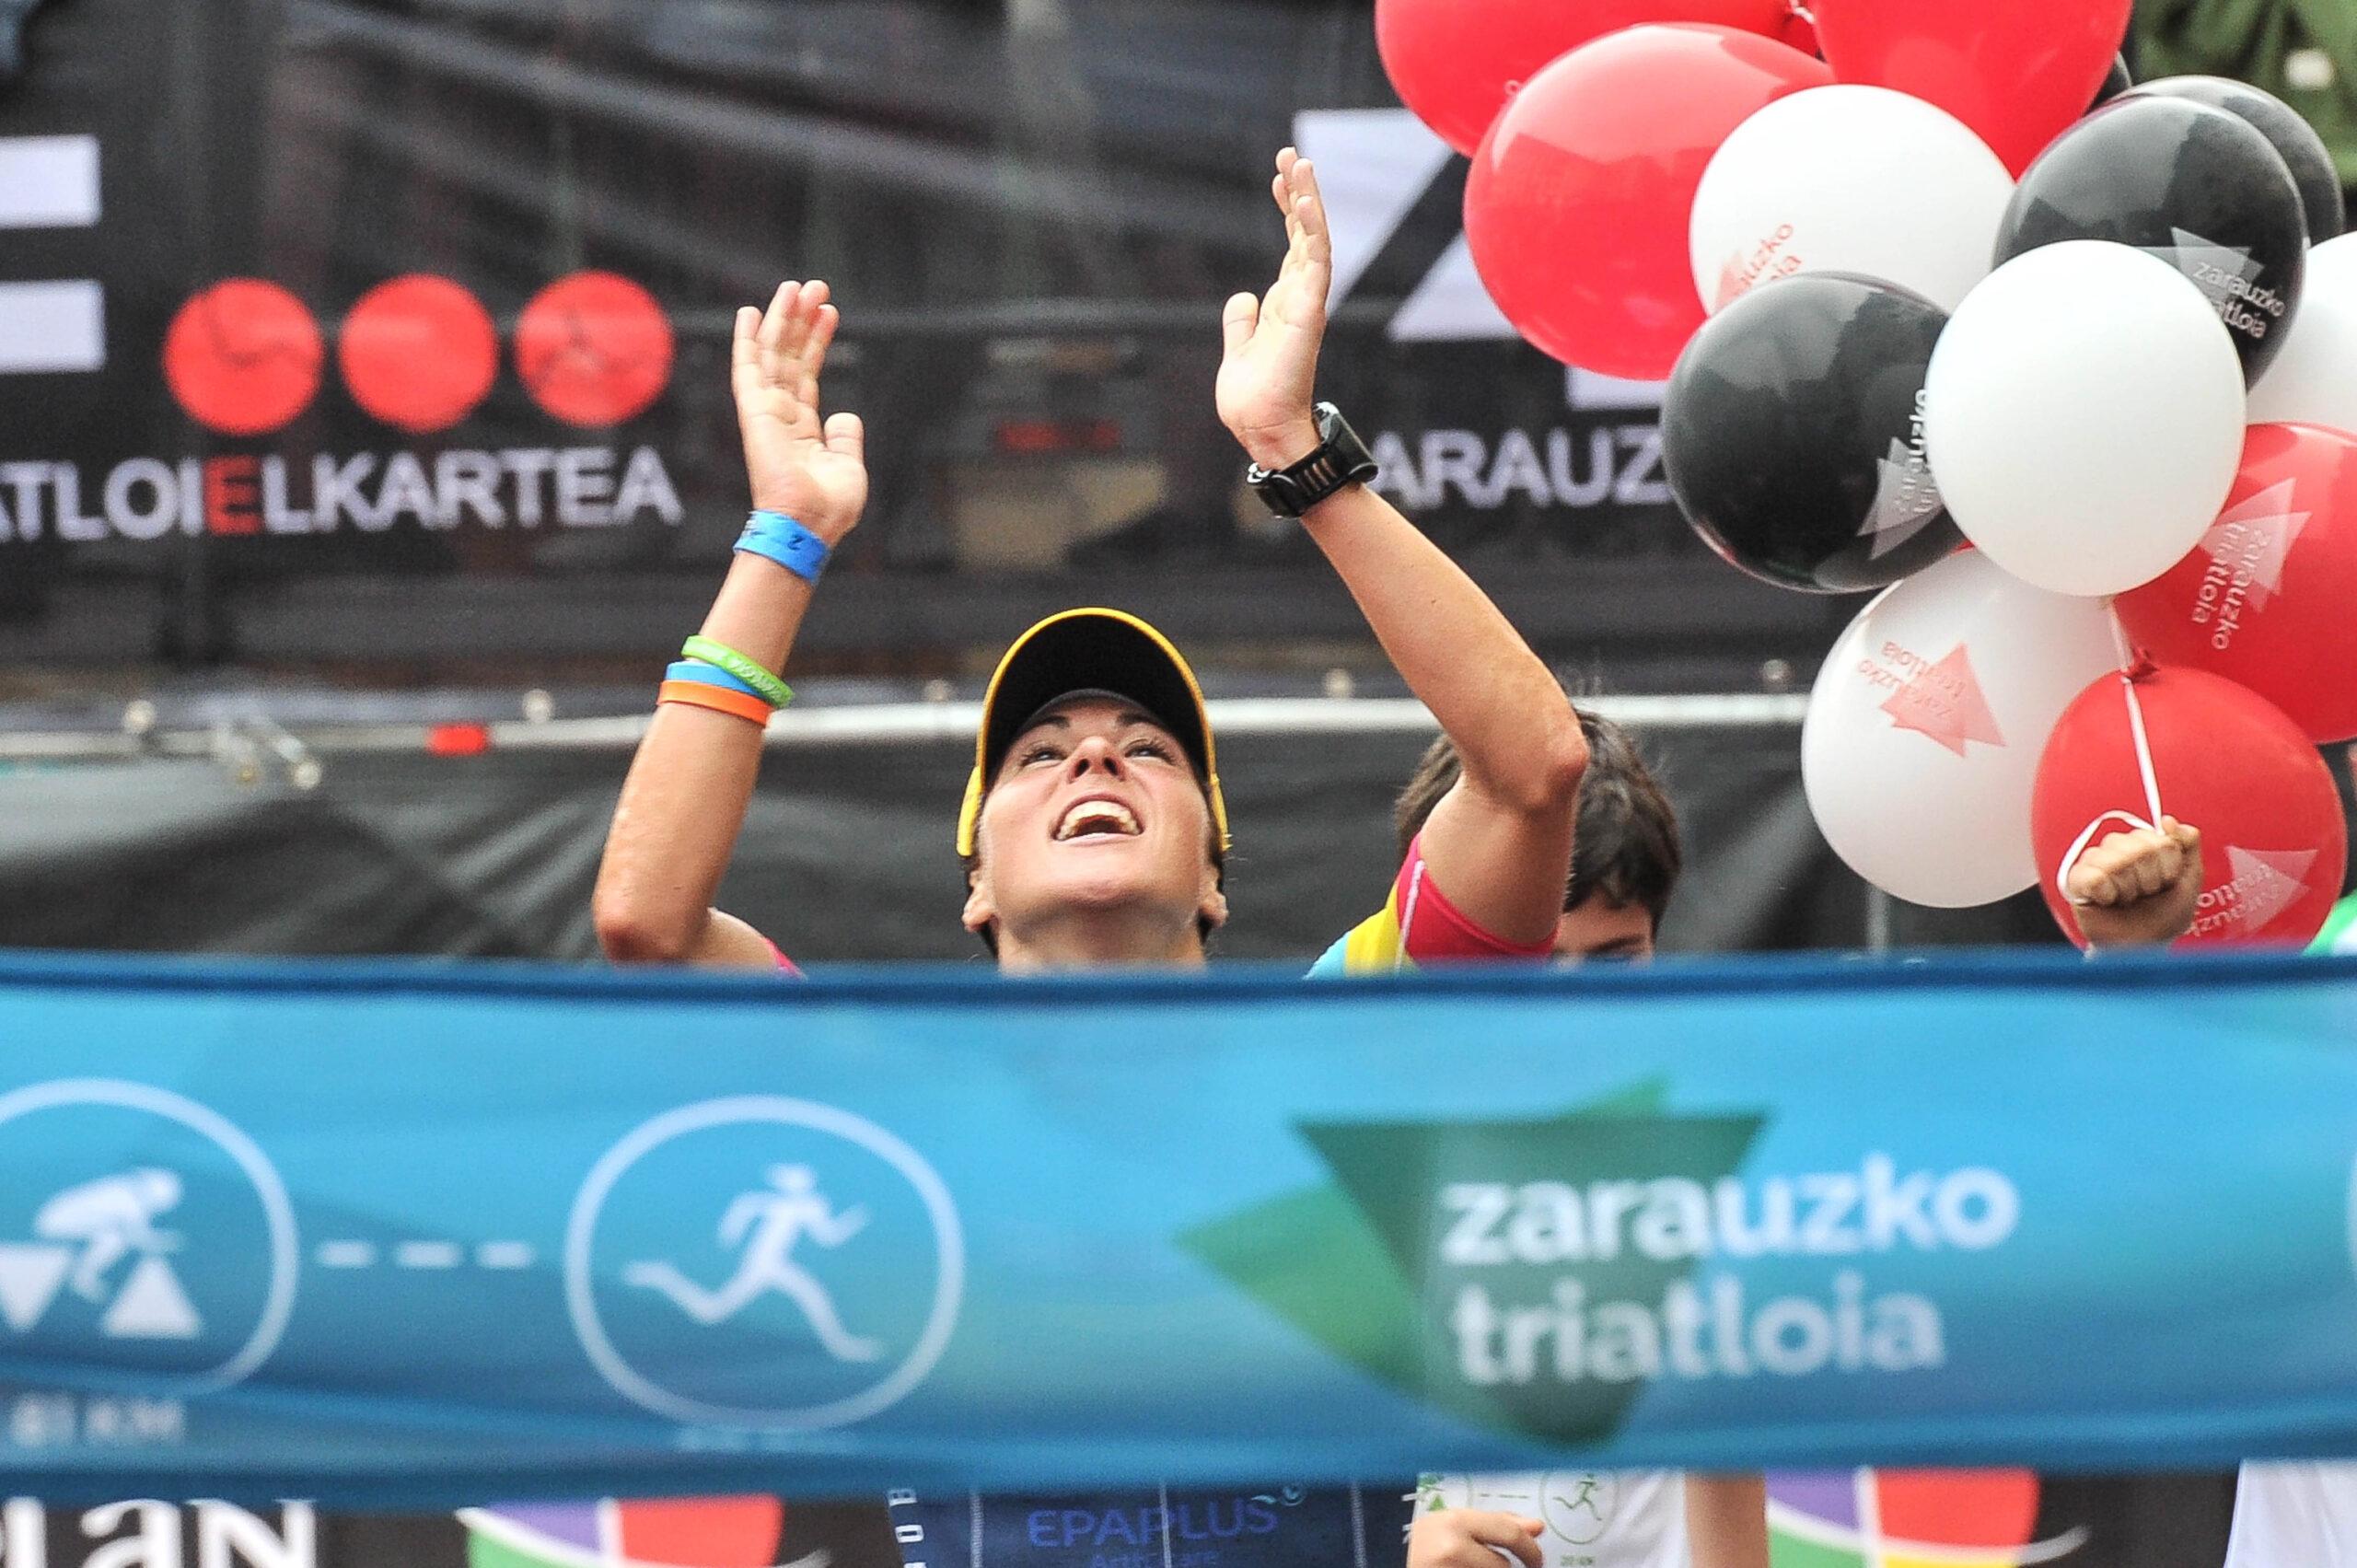 Triatlon Zarauz